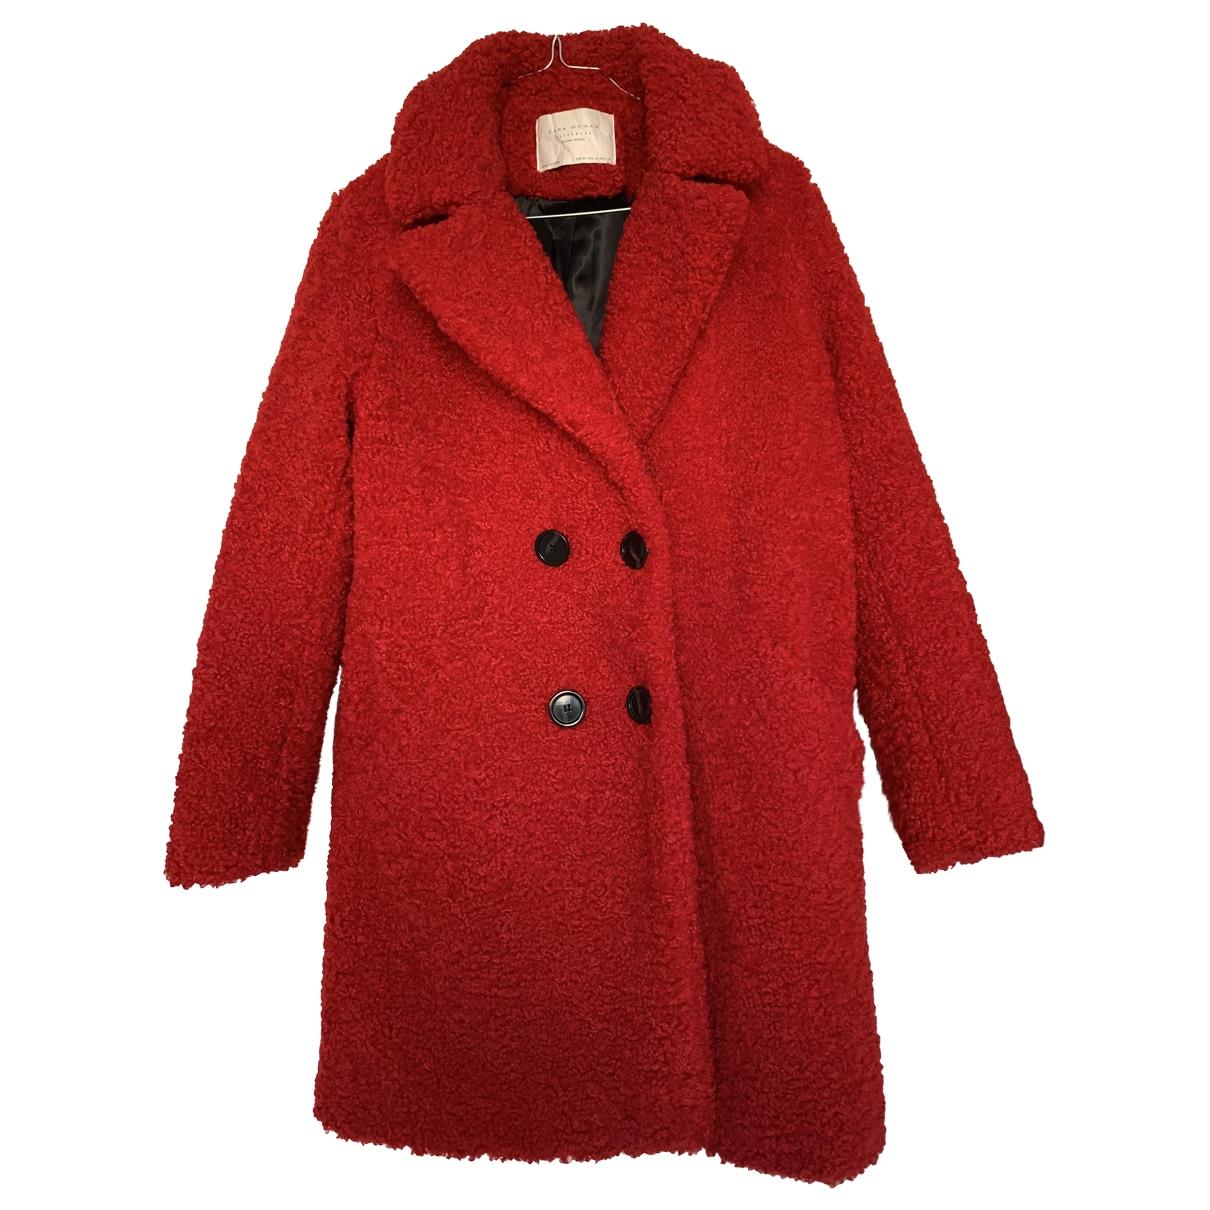 Zara \N Red Faux fur coat for Women XS International